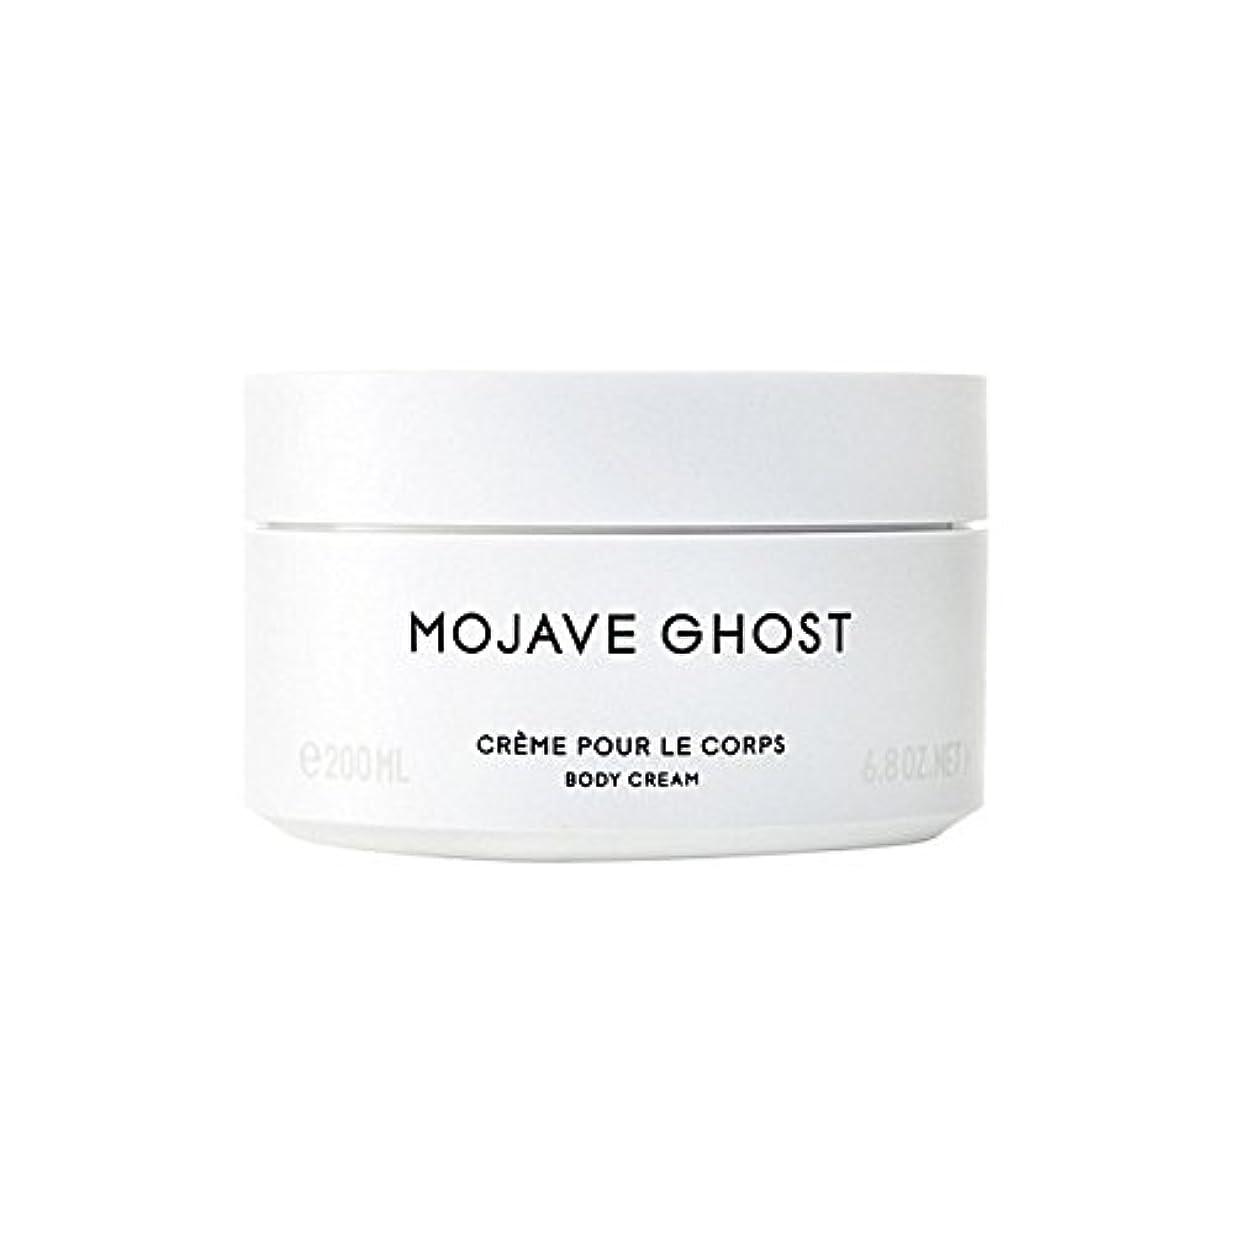 がんばり続ける操作外国人Byredo Mojave Ghost Body Cream 200ml (Pack of 6) - モハーベゴーストボディクリーム200ミリリットル x6 [並行輸入品]